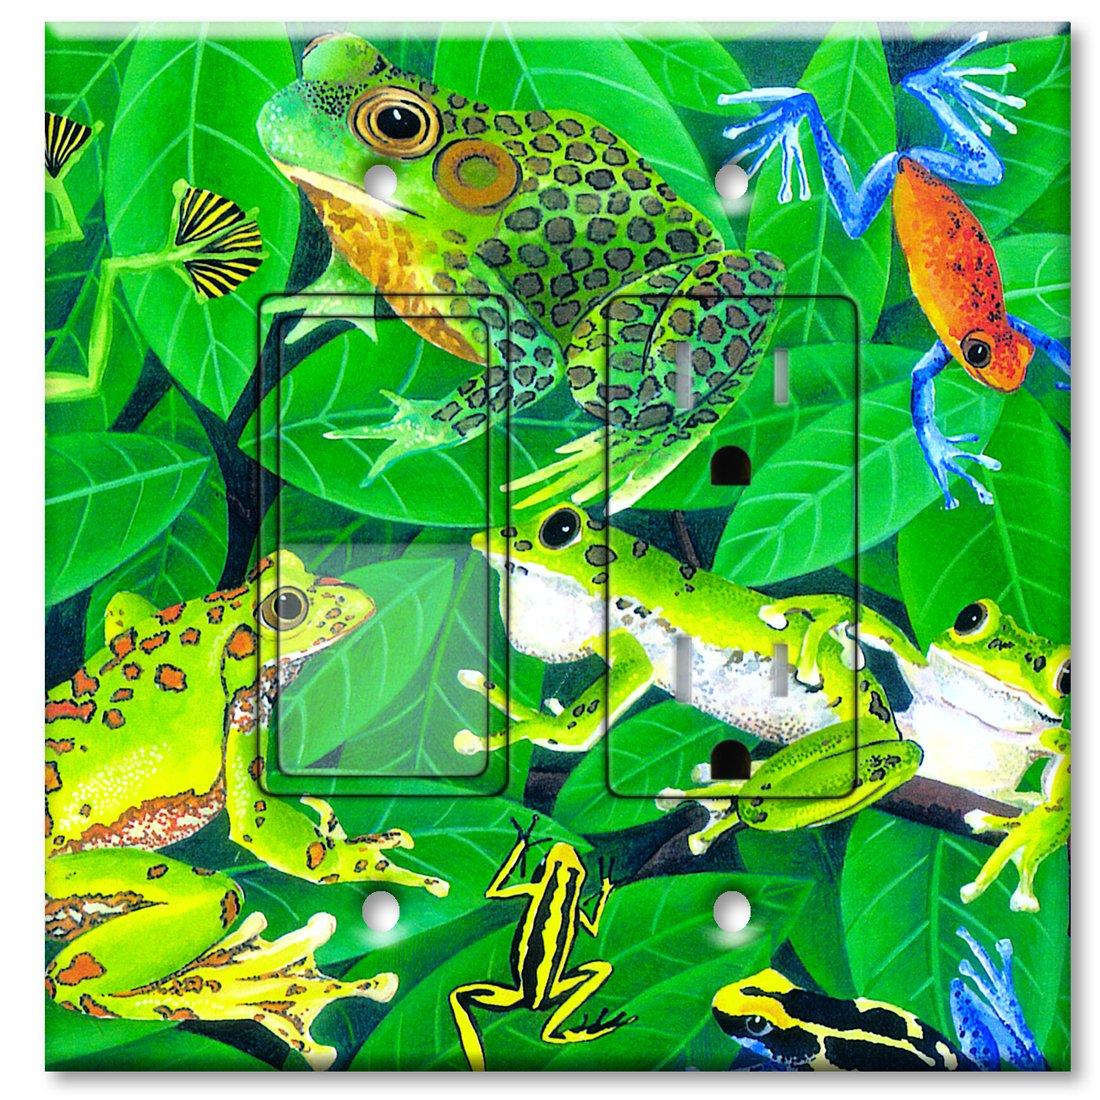 高品質の人気 Printed壁プレートwith Frogs Matchingロッカースイッチおよび/またはコンセント – – Frogs マルチカラー マルチカラー 117-Printed-Switch-Outlet Combo B00J1W73DU コンセント付きスイッチ, マニアックホームセンター:1b162670 --- svecha37.ru